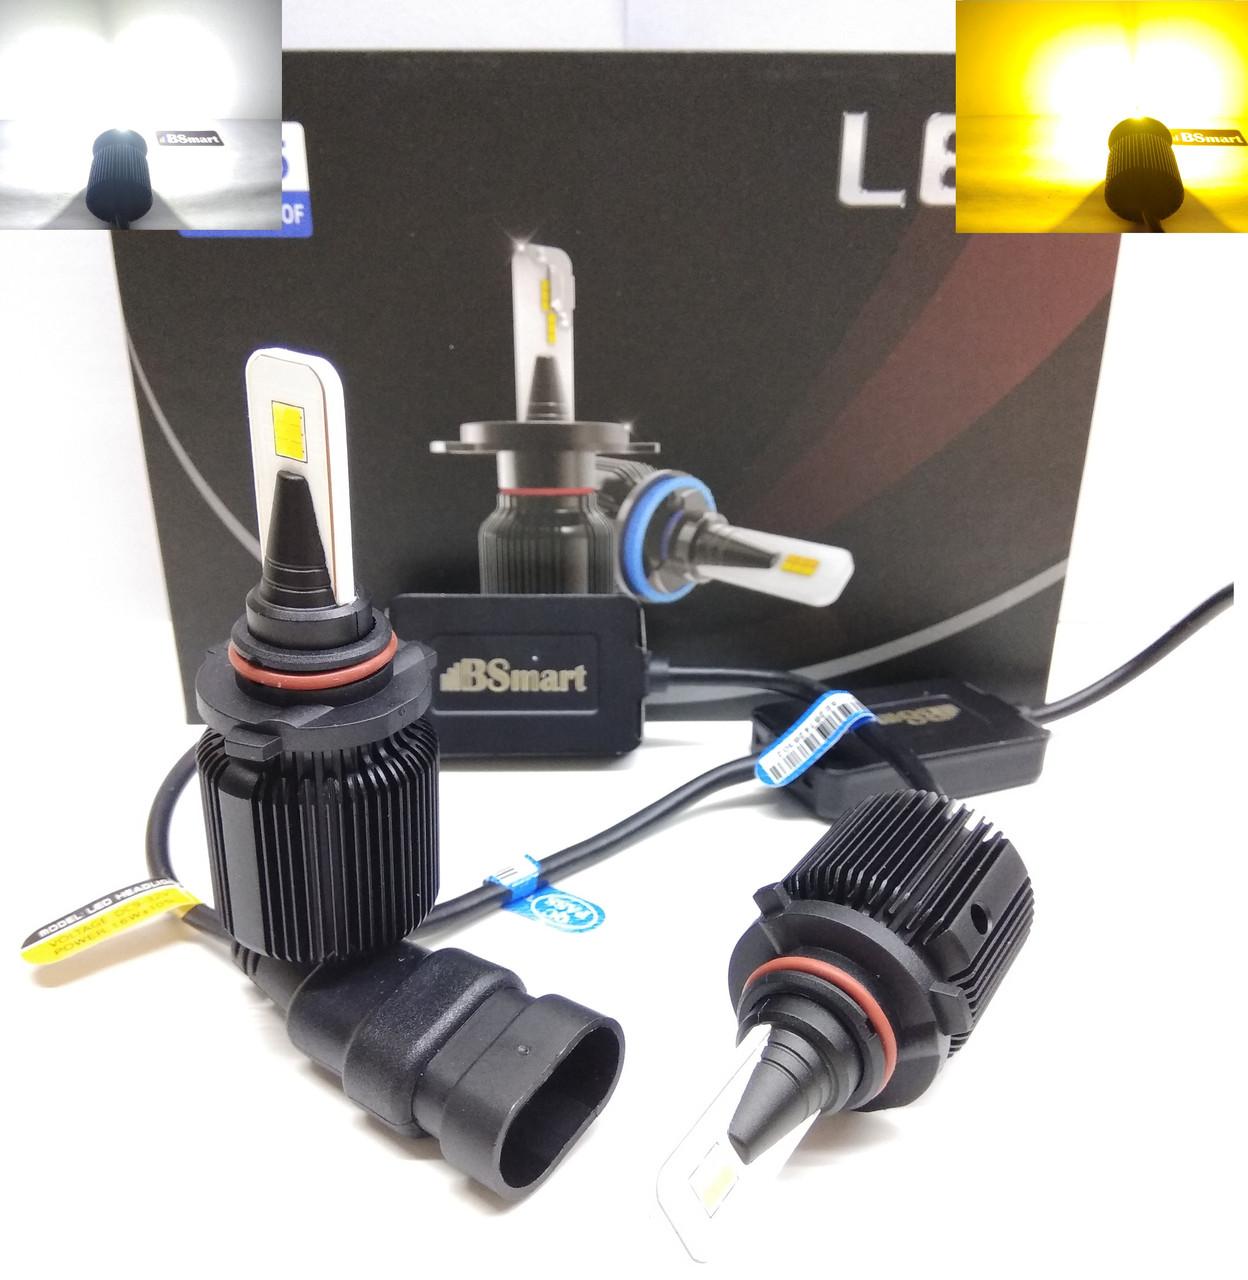 LED автолампы диодные M1 CSP Dual Color, HB3 9005, двухцветная, белый и желтый, 8000LM, 40W, 9-32V